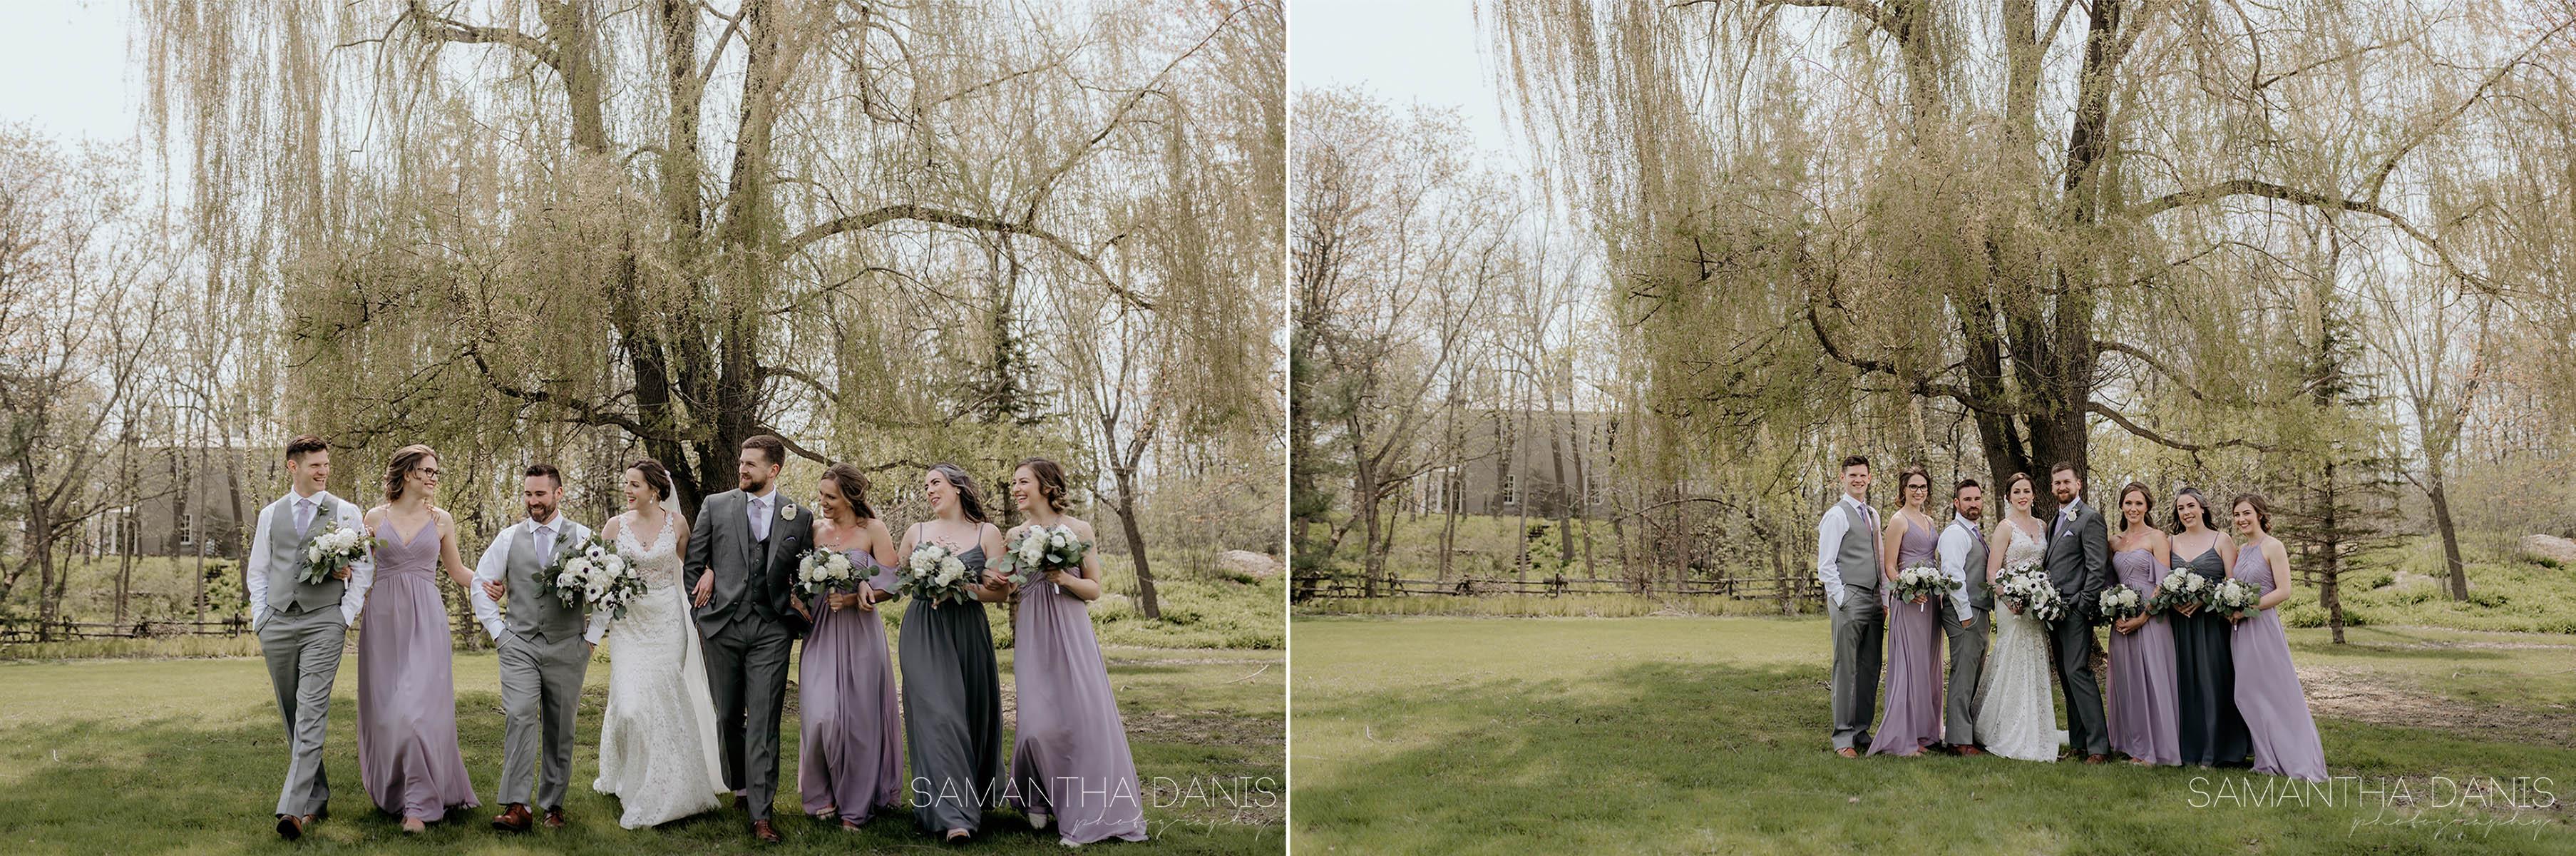 Temple's Sugar Bush Ottawa Wedding Samantha Danis Photography